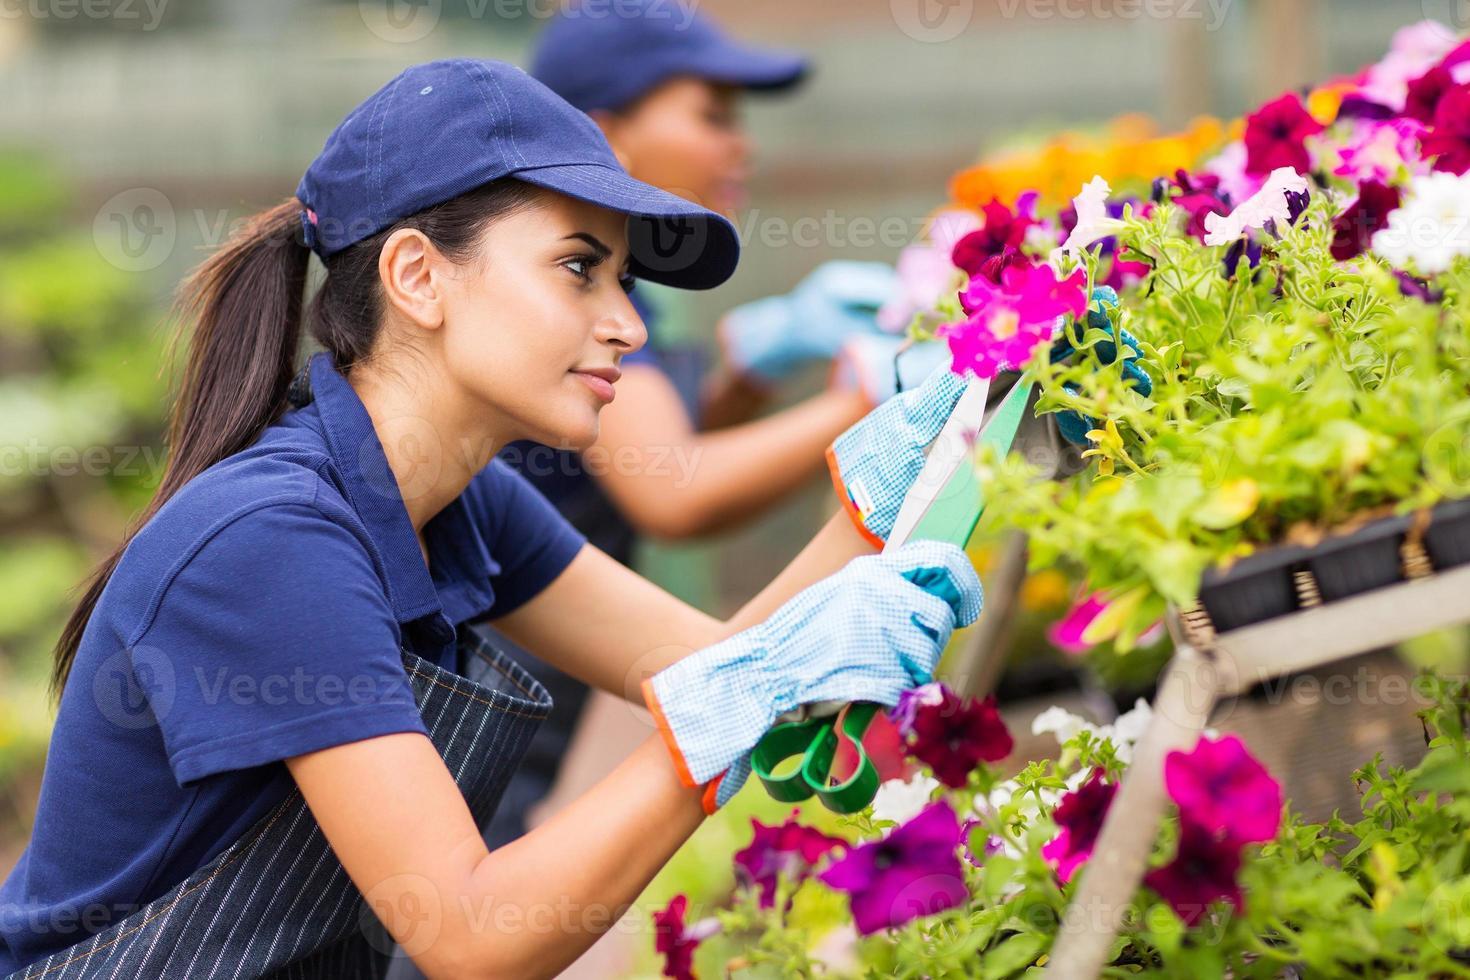 florista feminino aparar flores foto